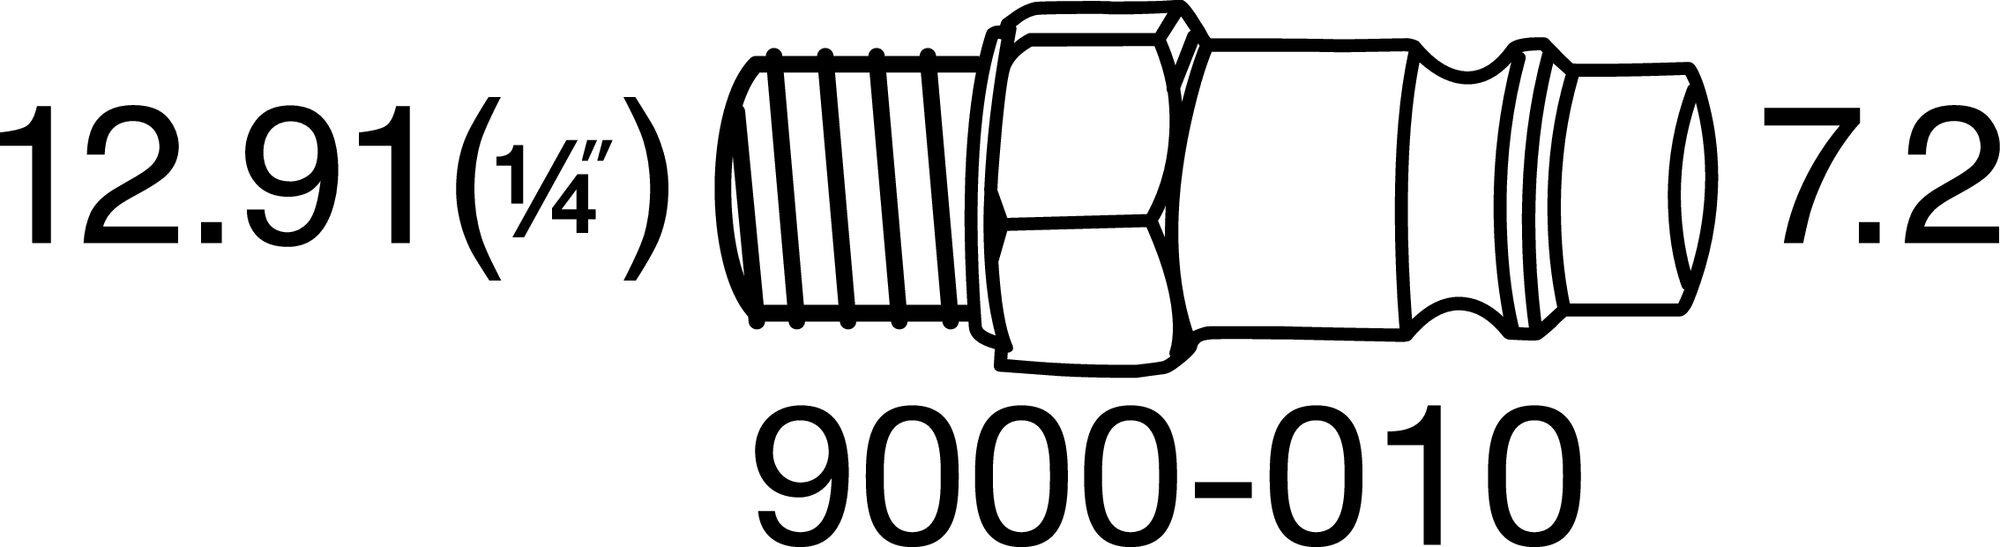 HAZET Schlagschrauber ∙ extra kurz 9012M ∙ Lösemoment maximal: 1100 Nm ∙ Vierkant massiv 12,5 mm (1/2 Zoll)